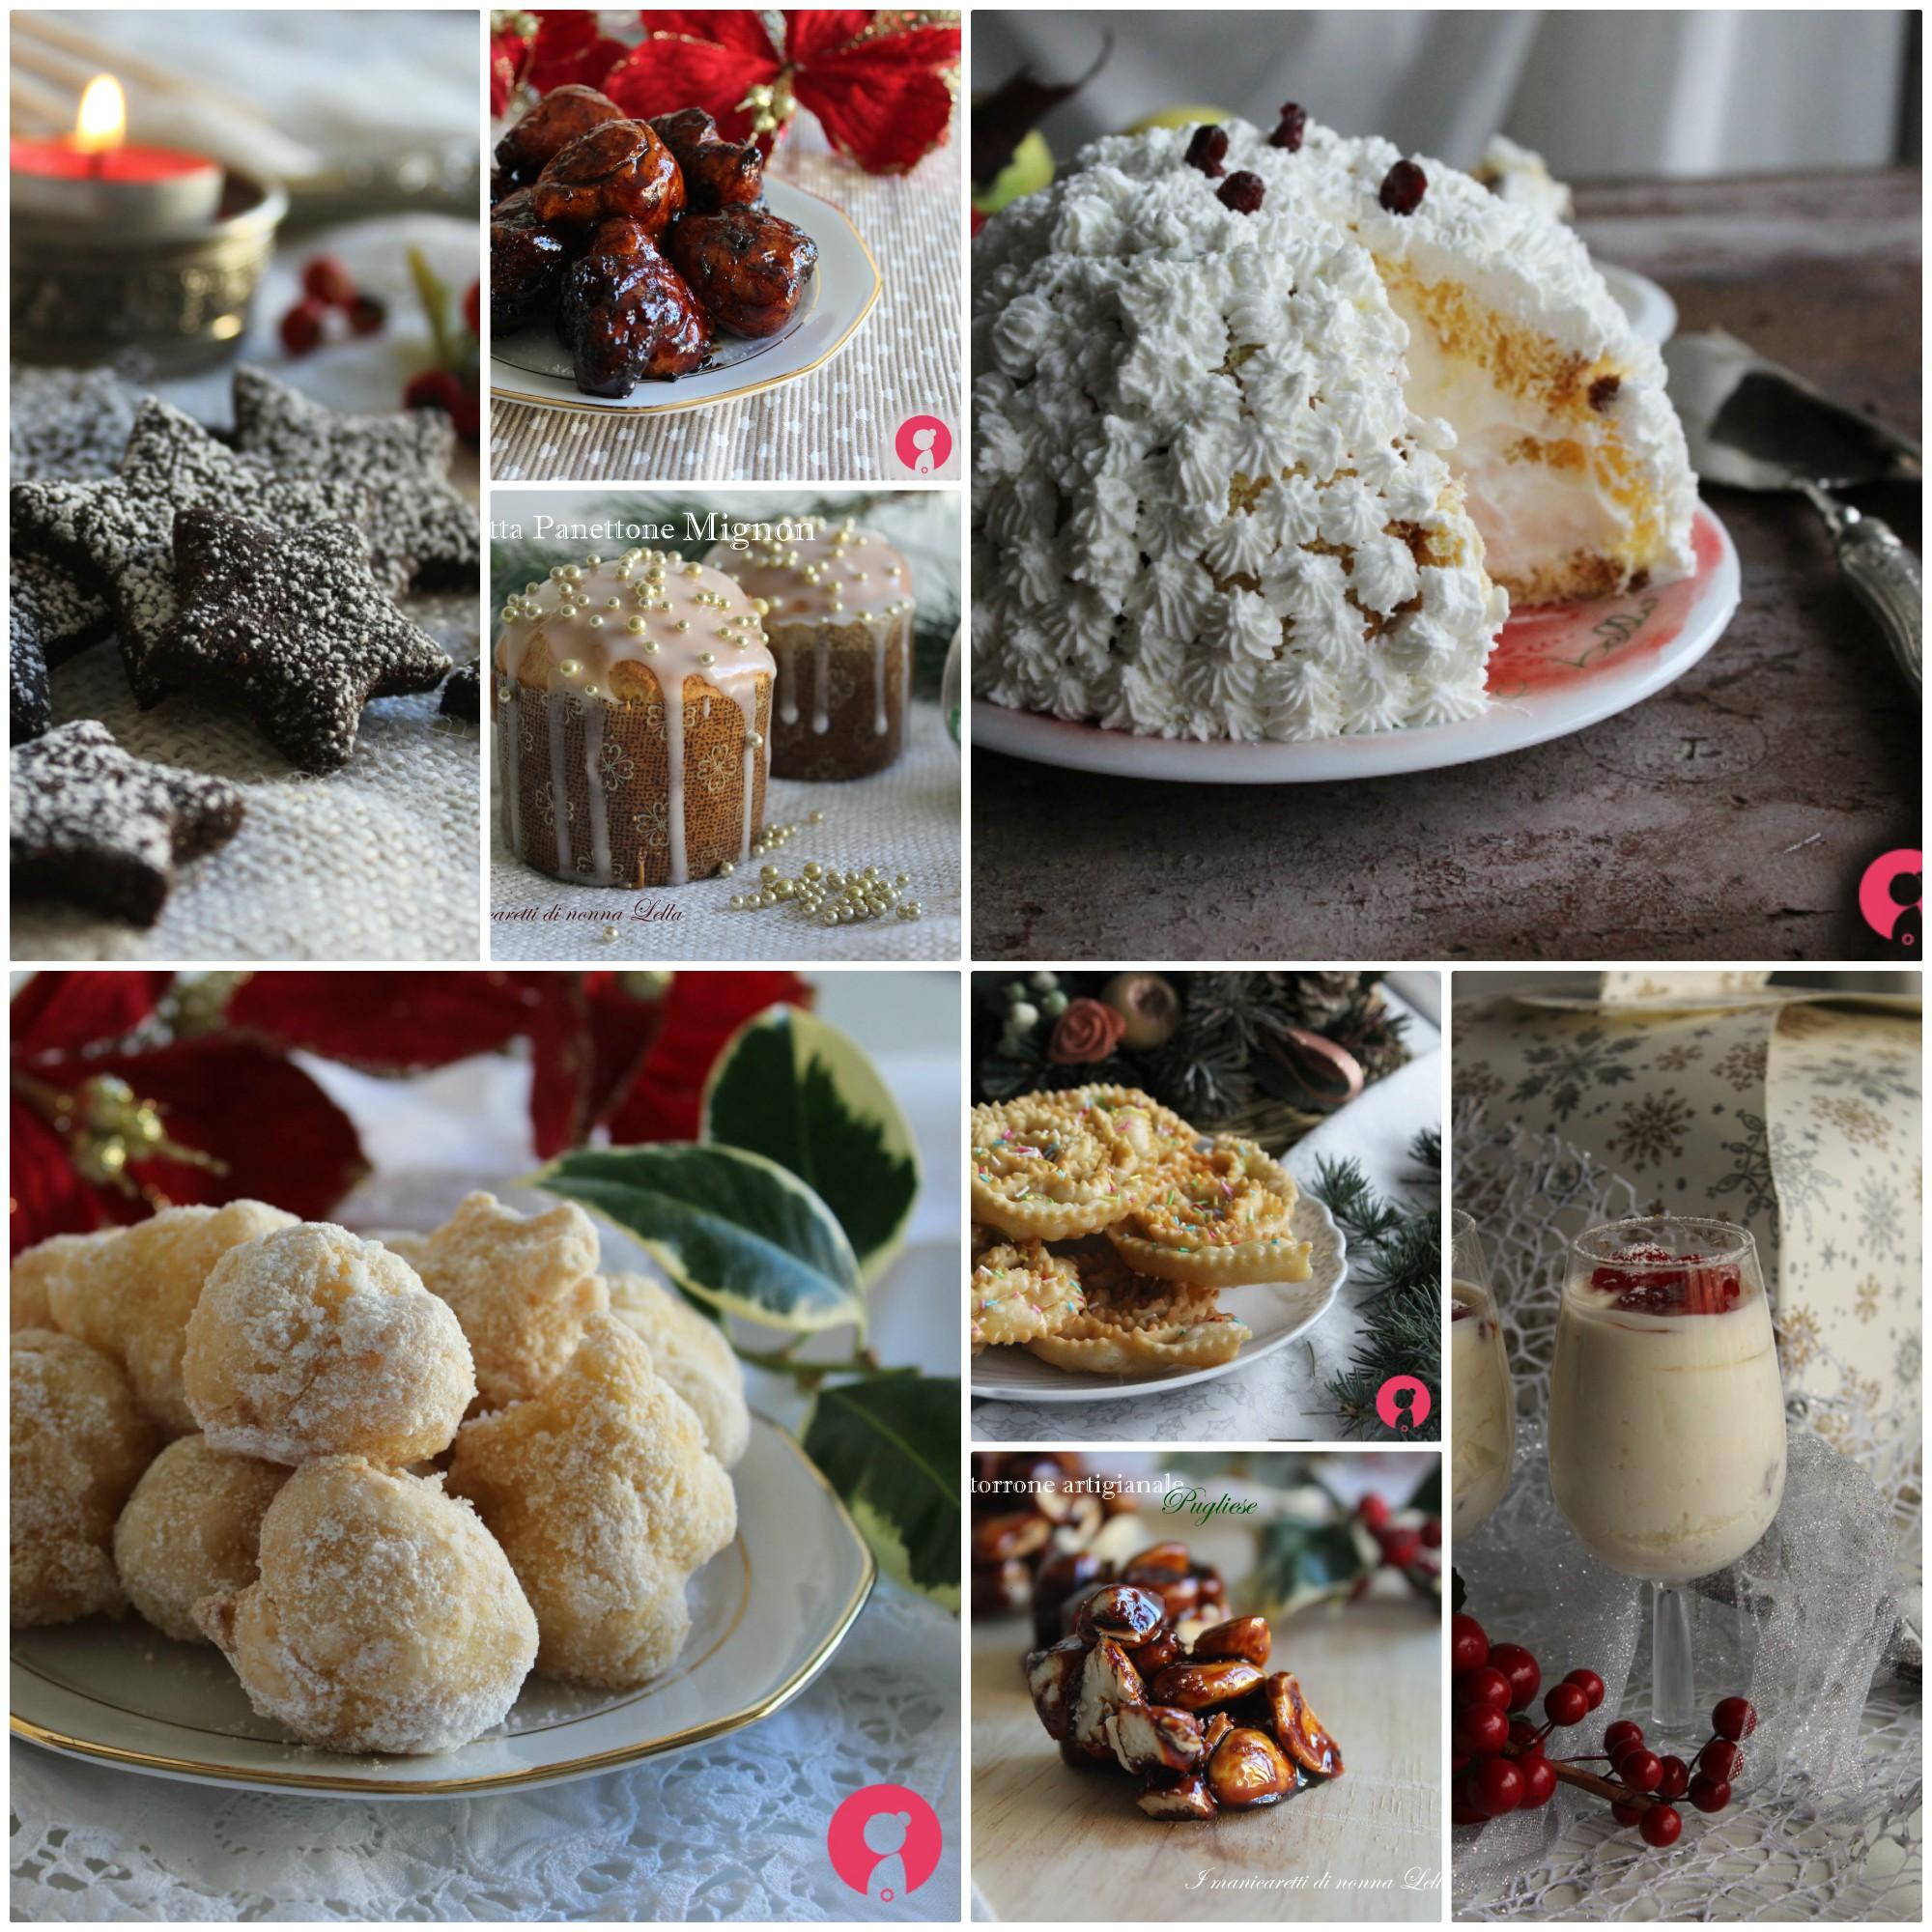 Ricette Dolci Tipici Di Natale.Ricette Dolci Di Natale I Manicaretti Di Nonna Lella